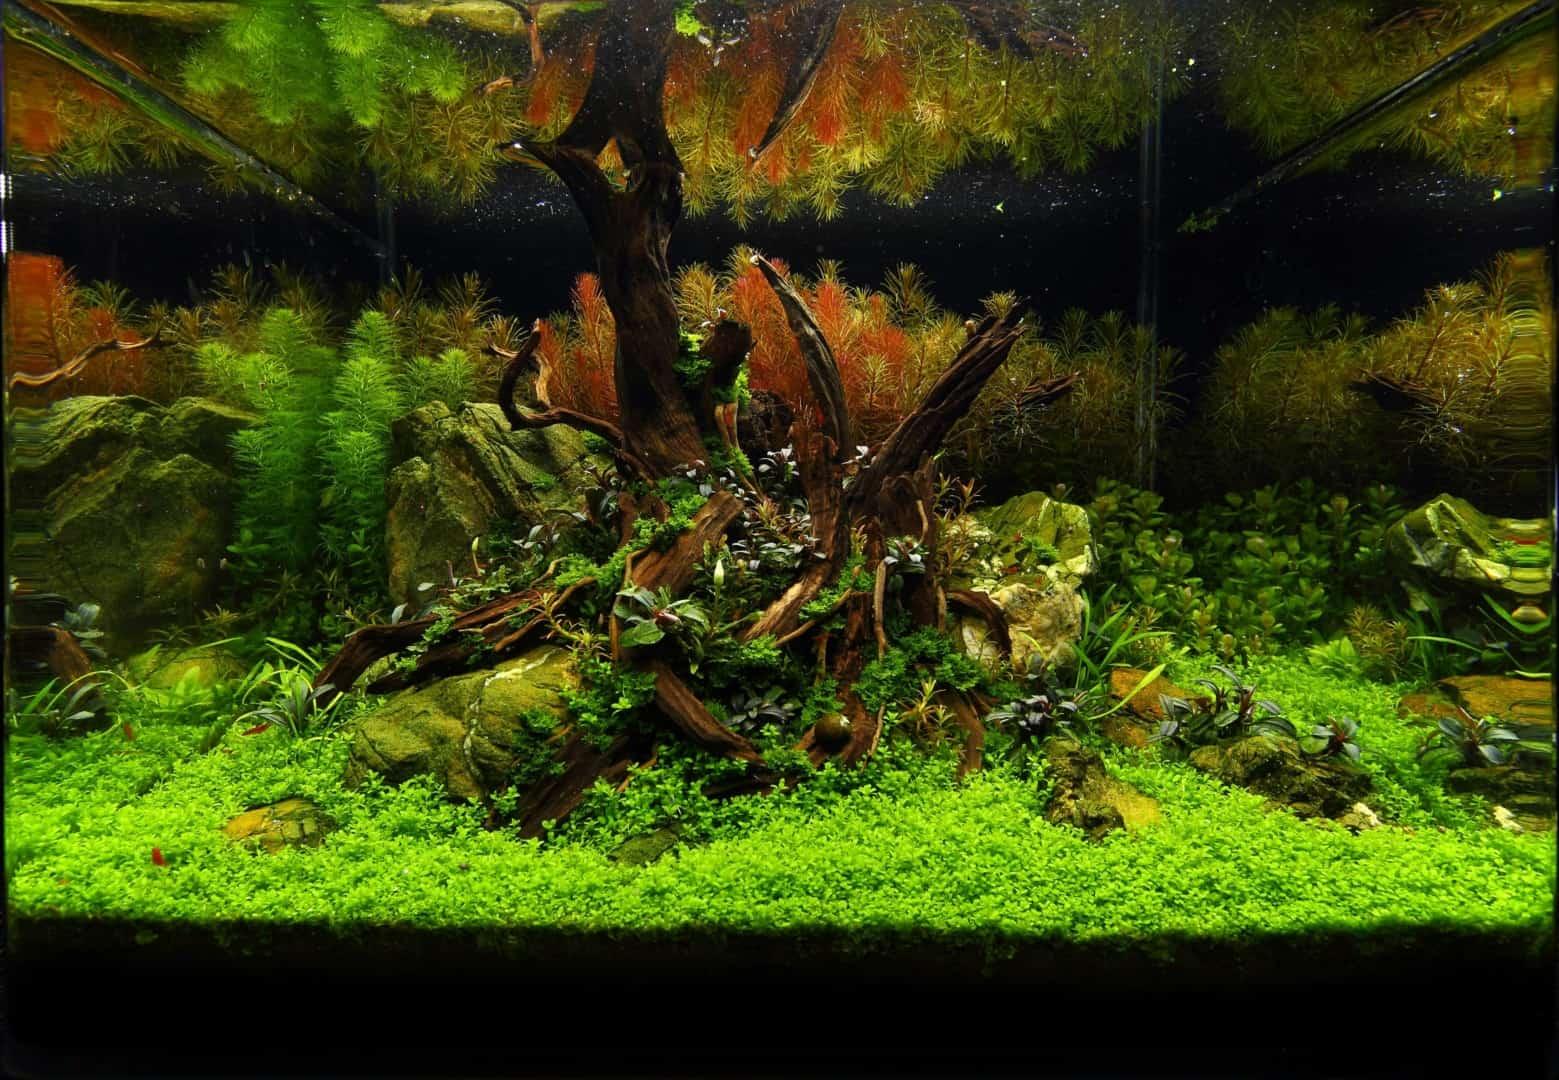 191 - The Art of the Planted Aquarium - Neuheiten und Möglichkeiten zum Mitmachen im April 2019 (Stefanie Hesse) 26